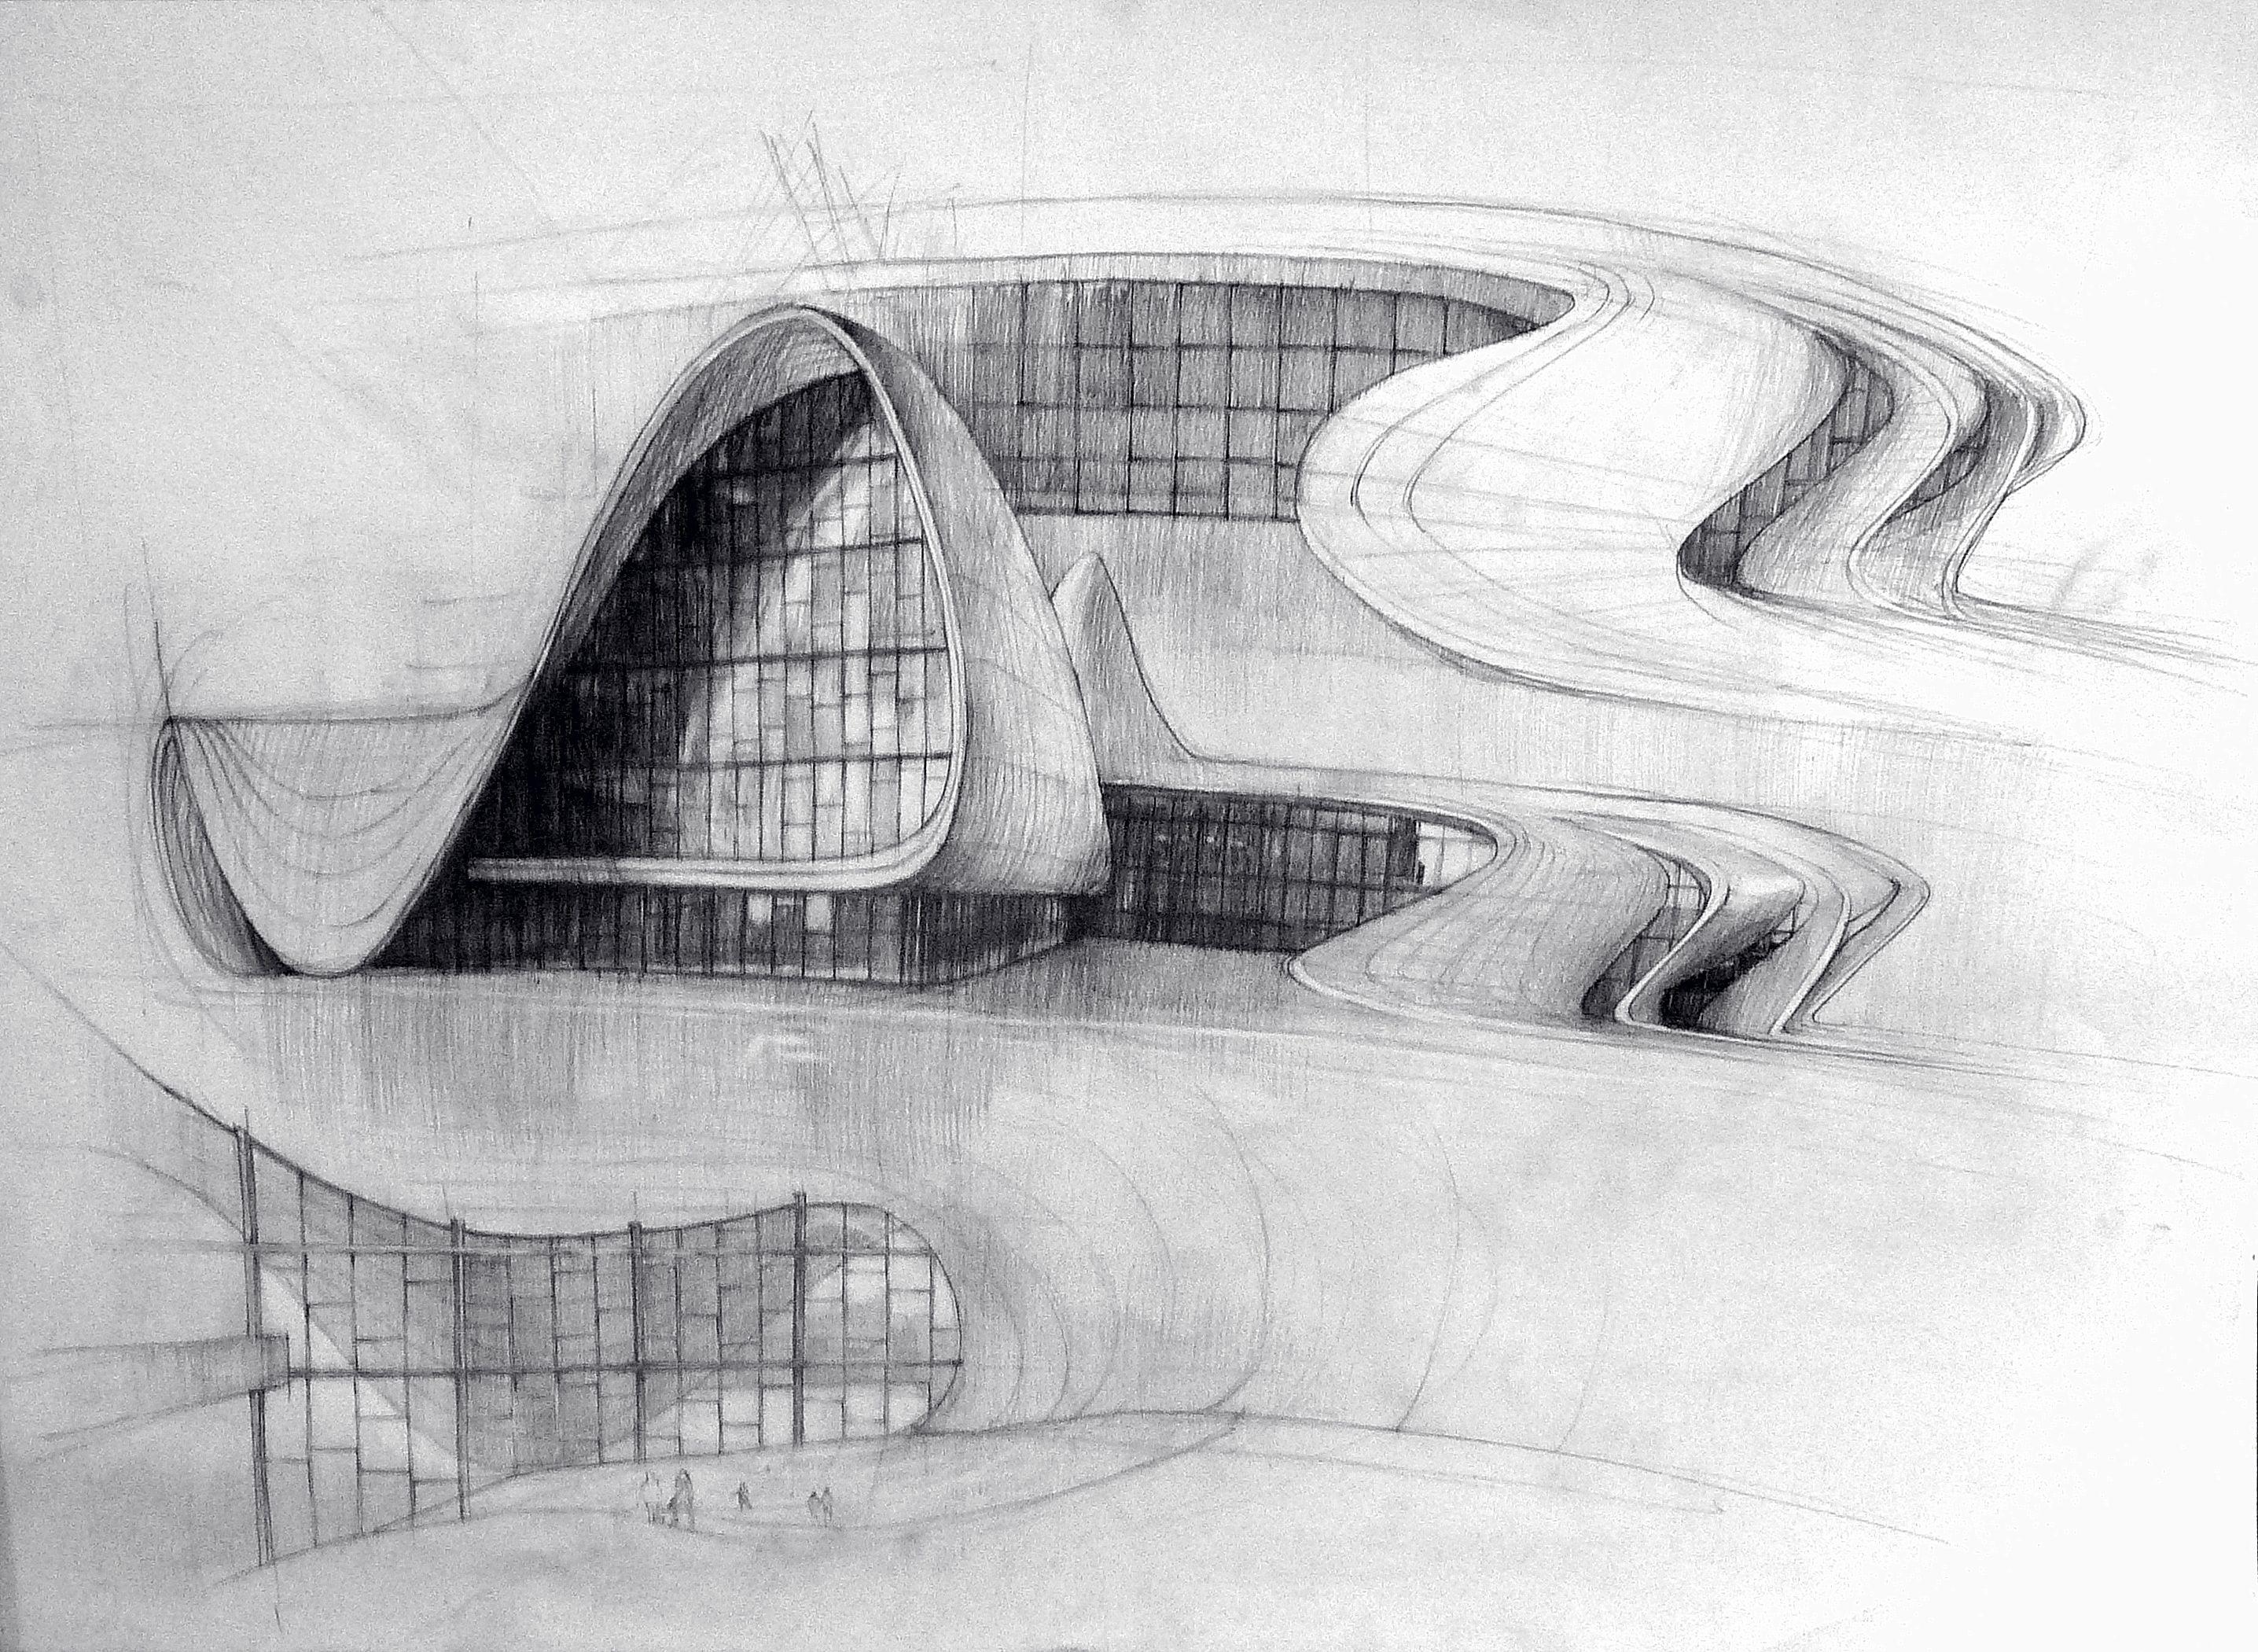 Zaha Hadid Heydar Aliyev Center Arhitekturnye Eskizy Le Korbyuze Bumazhnaya Arhitektura